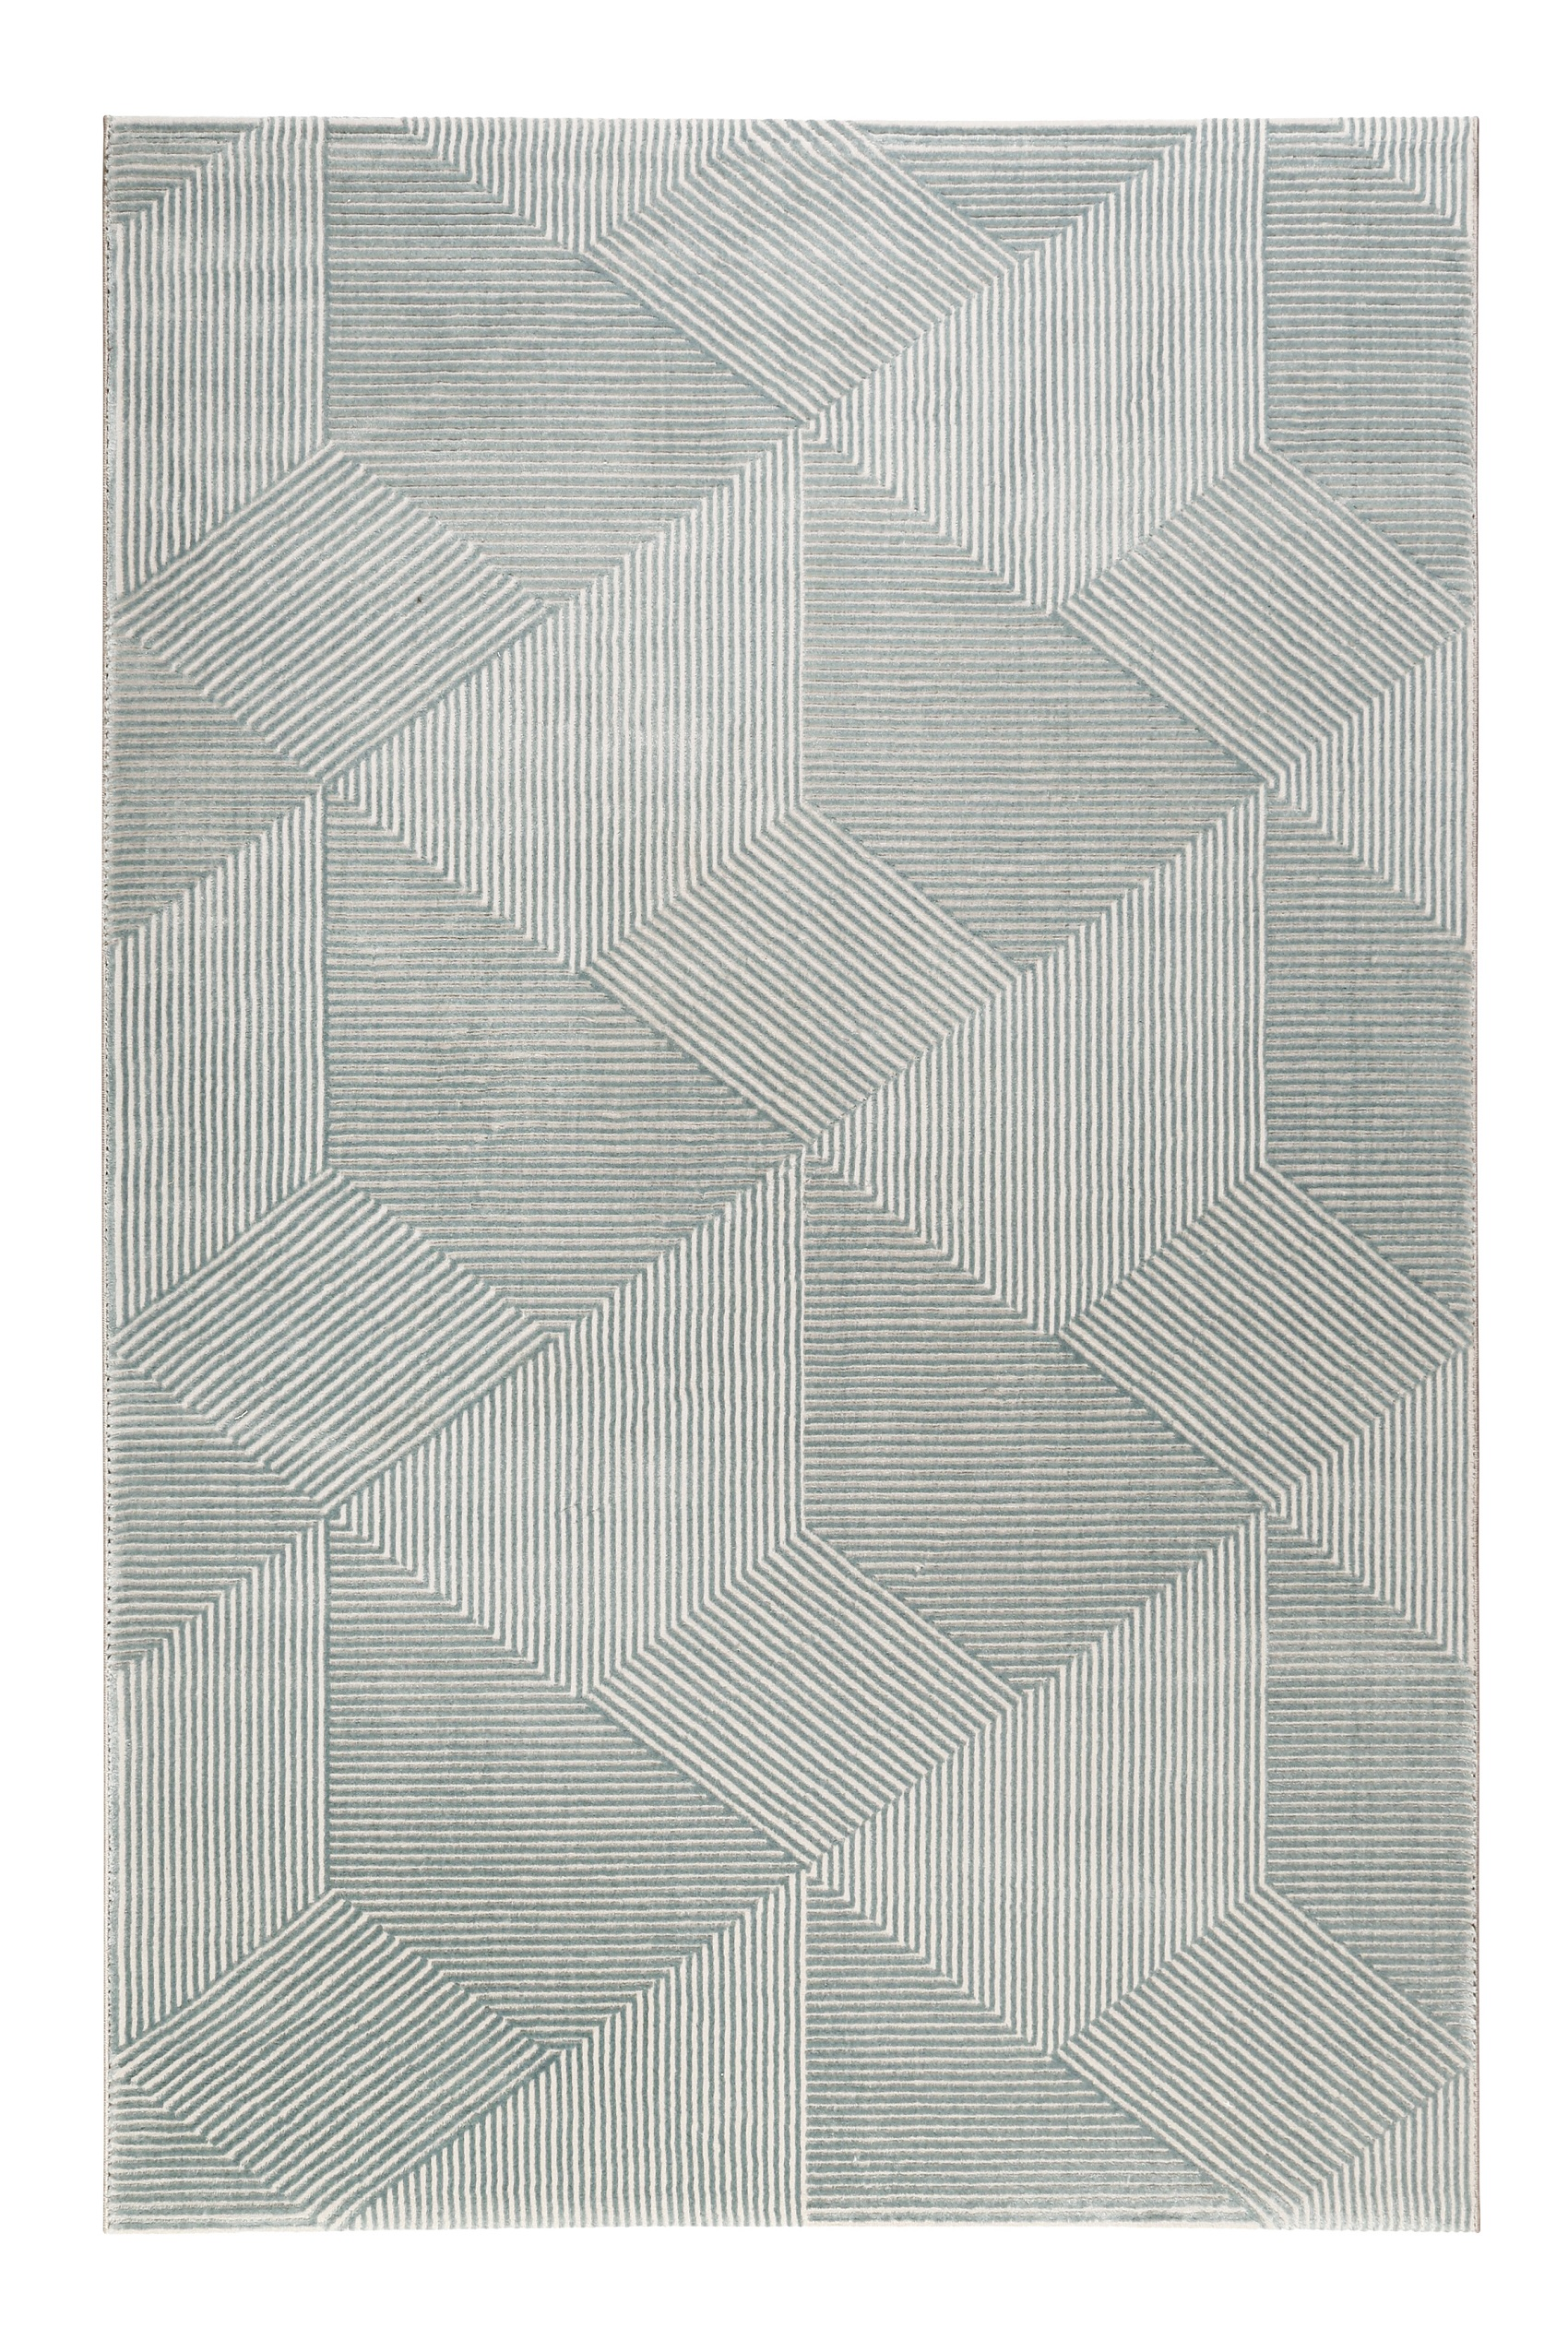 Tapis motif géométrique à relief vert beige 290x200